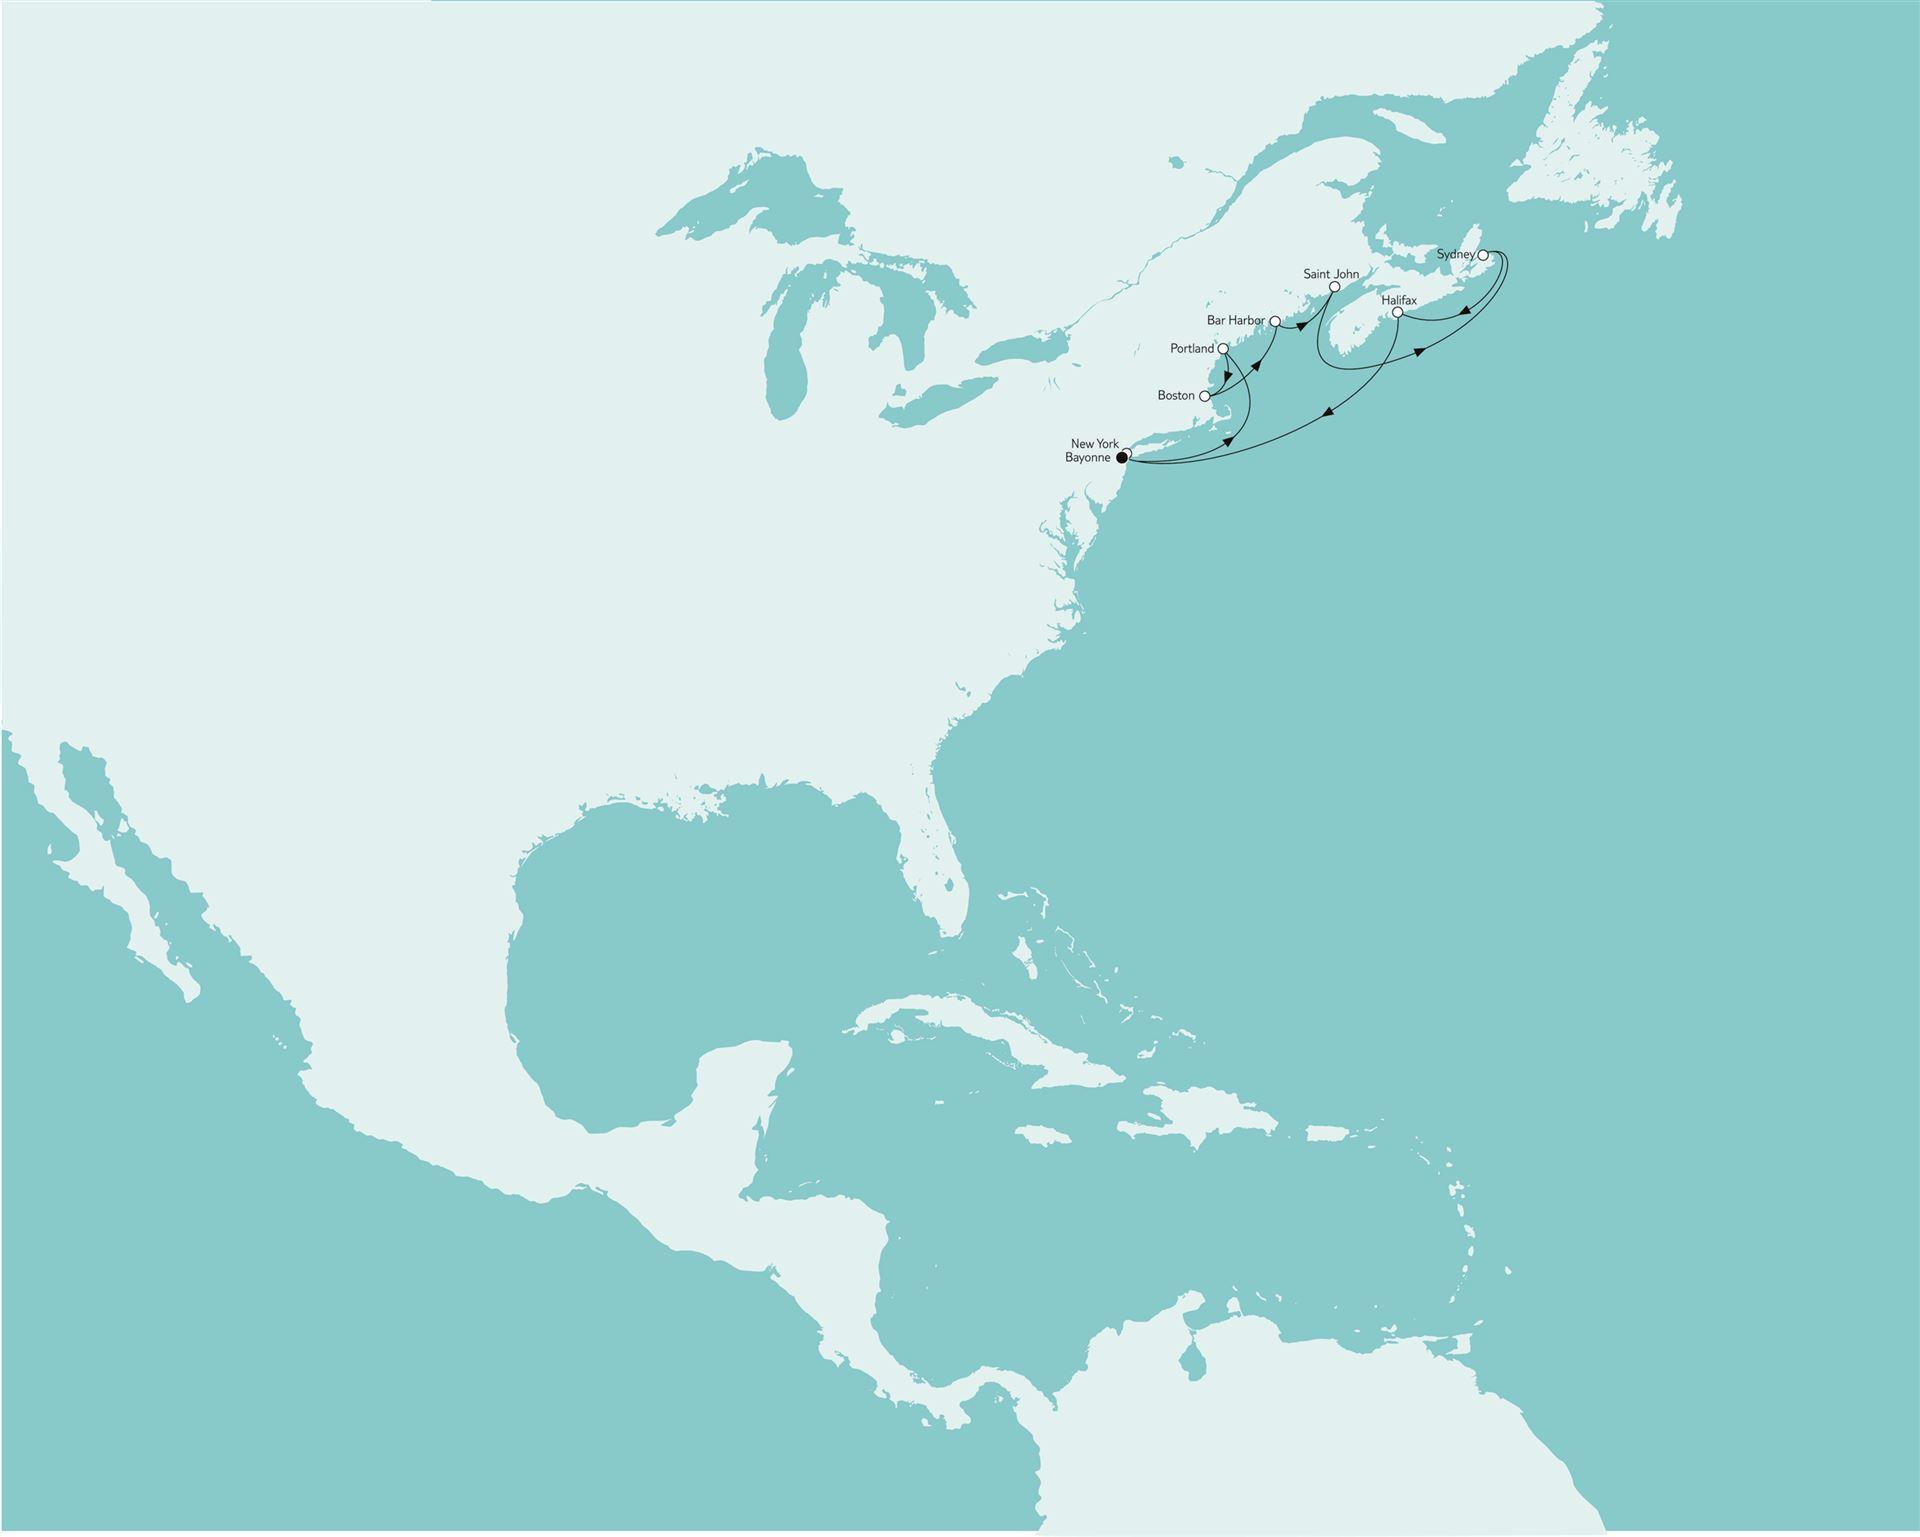 Mein Schiff Kreuzfahrten Nordamerika New York mit Kanada